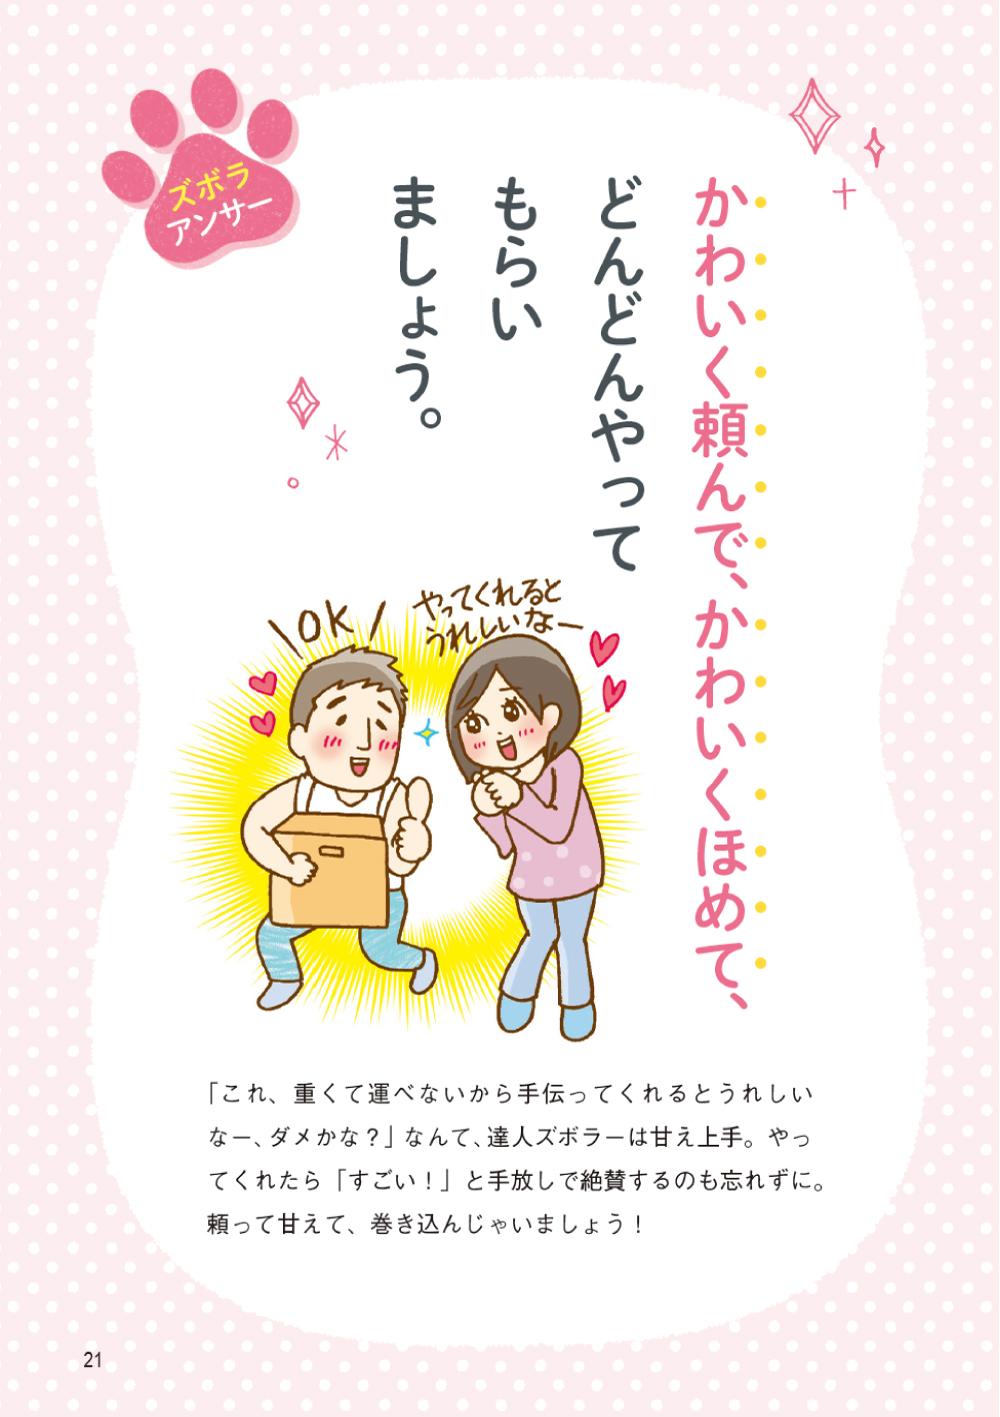 【家事】あな吉さんの家事をやめても愛されるズボラ主婦革命の画像9